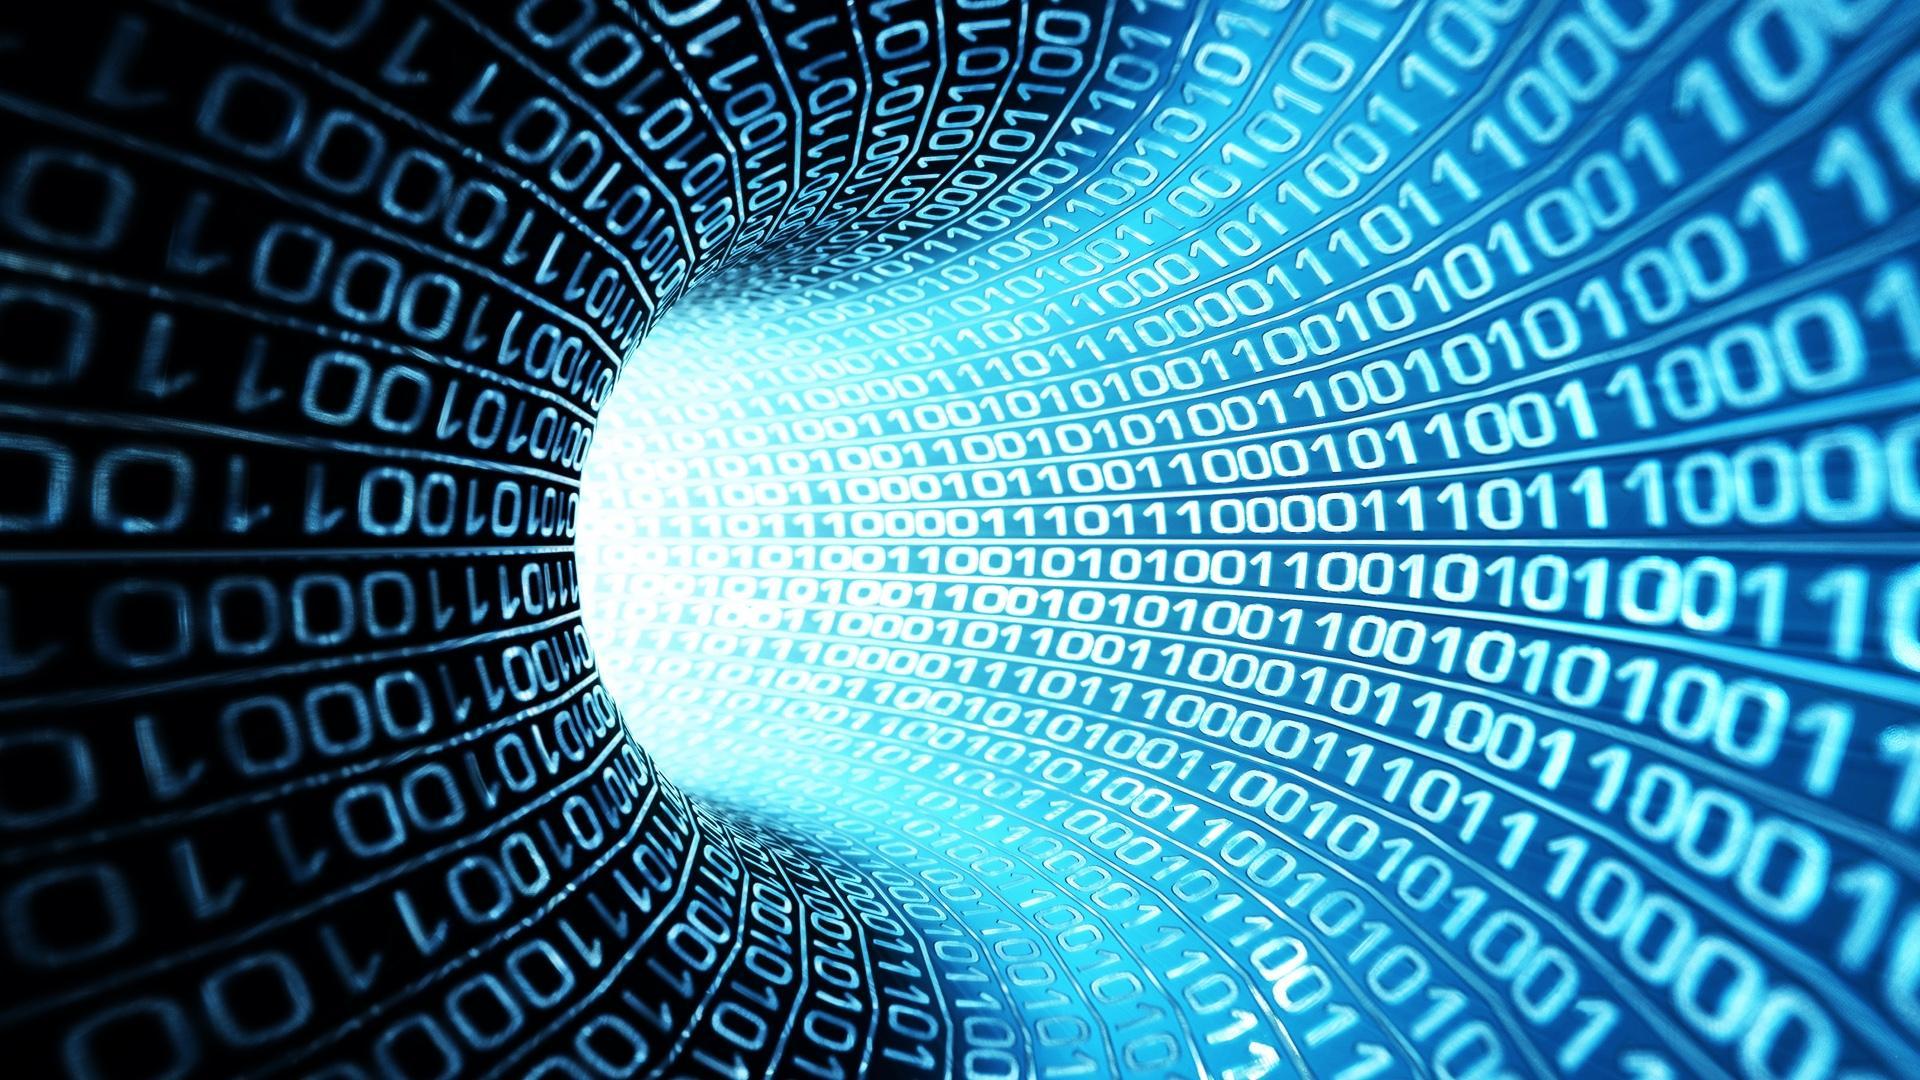 via vba code injectie , vba code wijzigen, wissen, aanpassen, in meerdere bestaande excel files